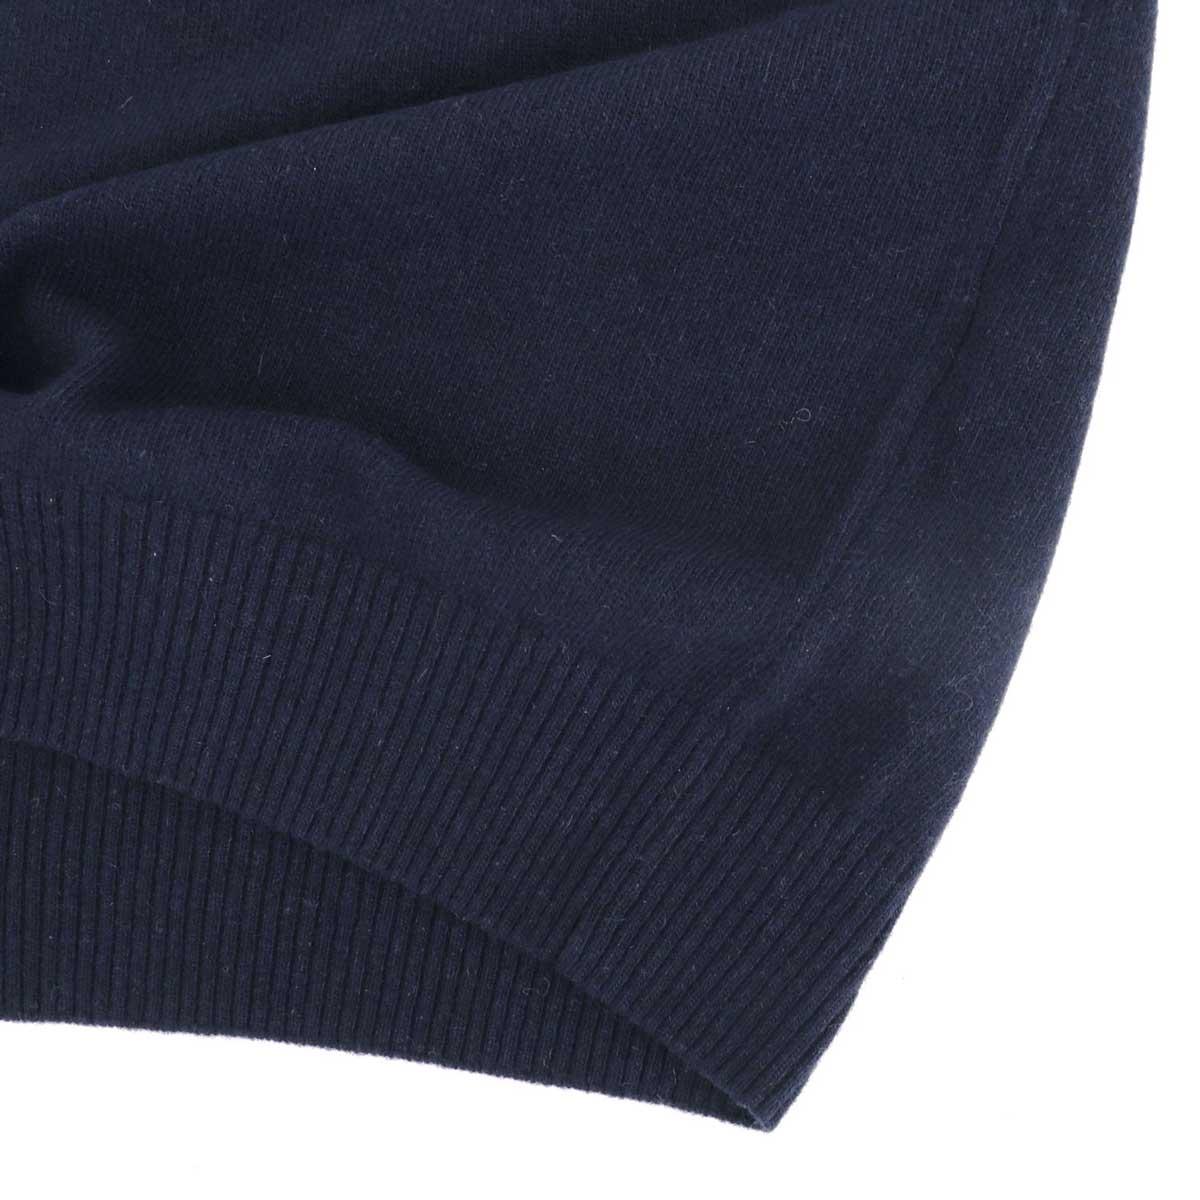 【クリアランスセール】ダニエレフィエゾーリ DANIELE FIESOLI メンズ エコカシミヤ ハイゲージニット クルーネック セーター WS3000 0023(ネイビー)【返品交換不可】